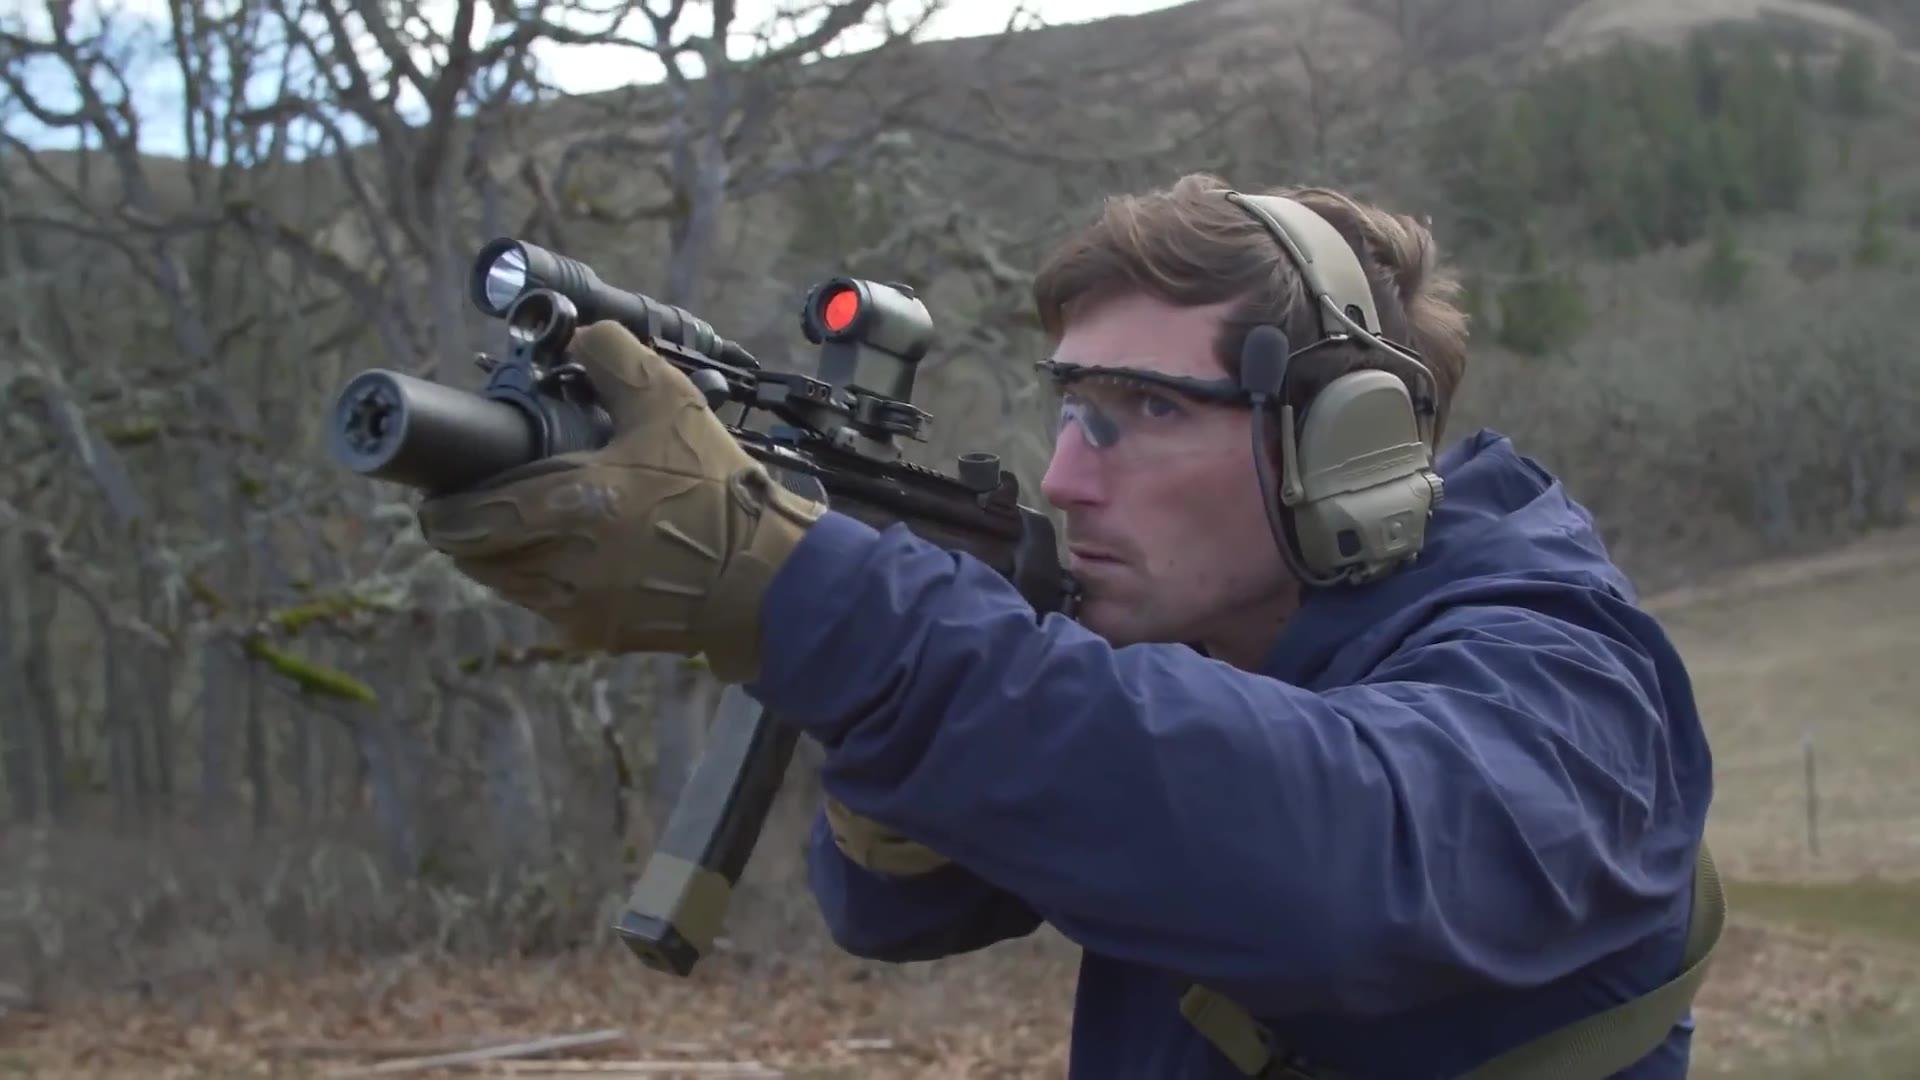 MP5SD 试用射击